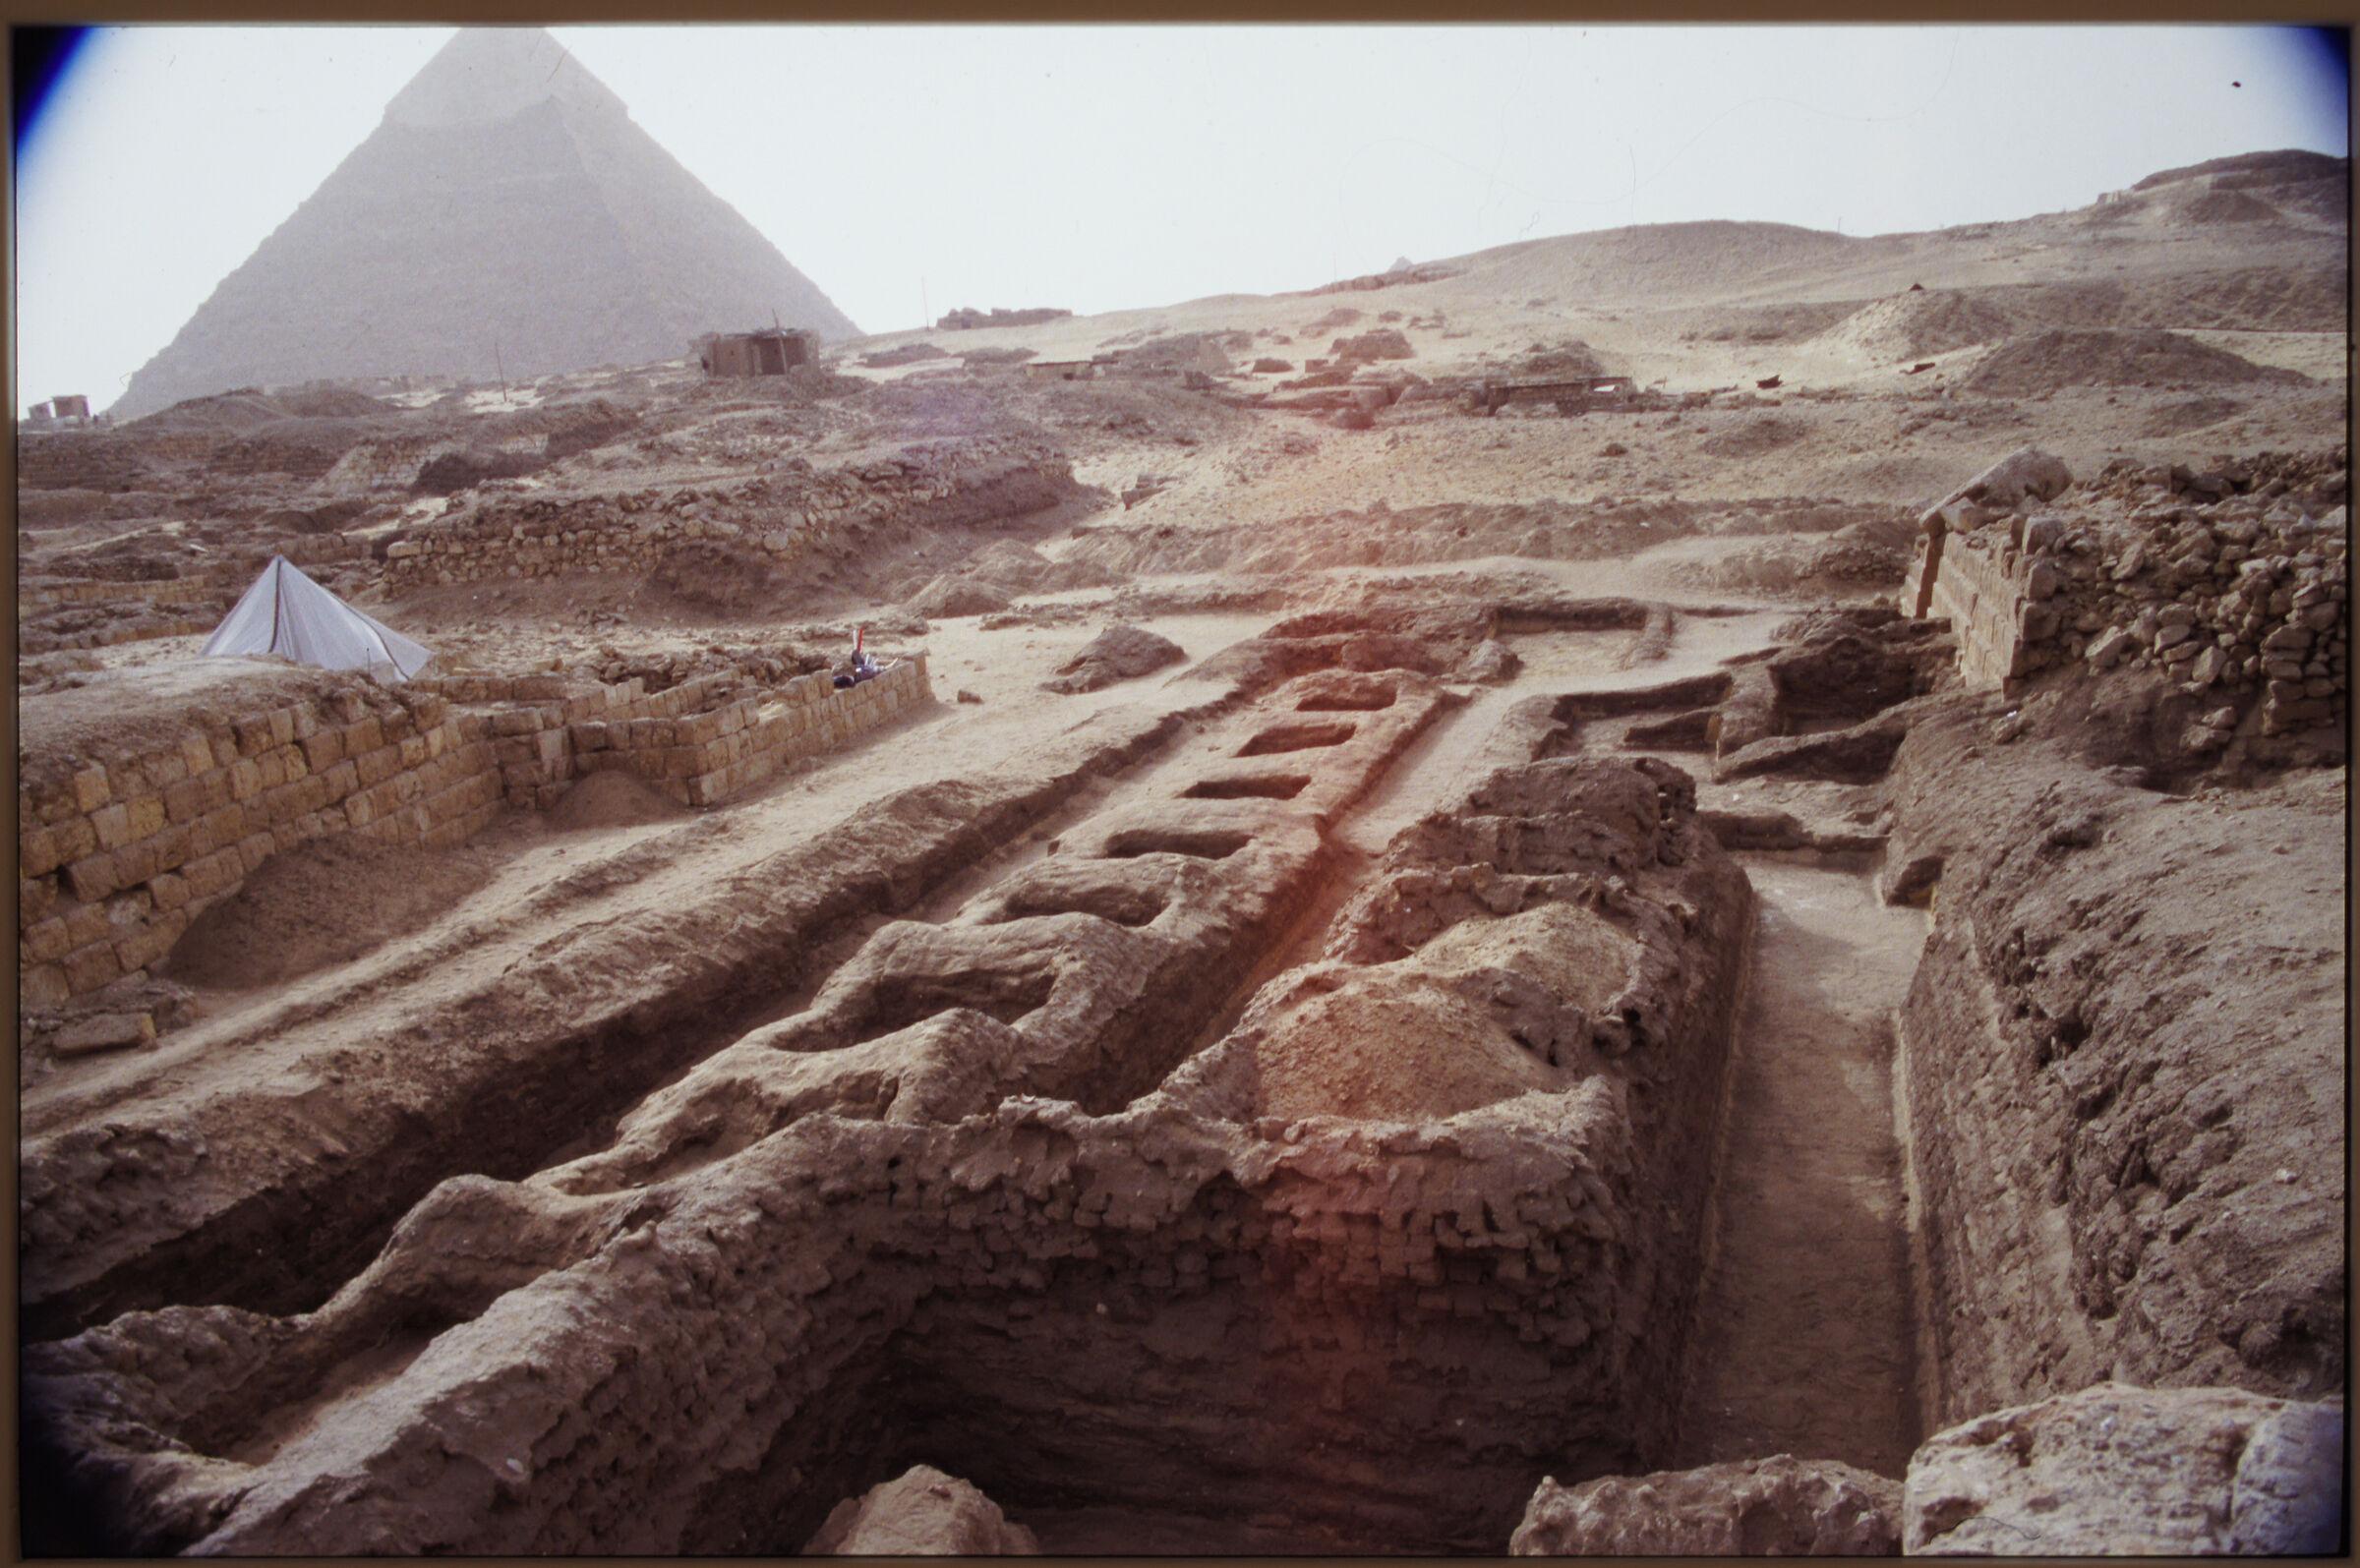 Abu Bakr Cemetery: Site: Giza; View: Lepsius 19; Mastaba X (ABC); ABC 2; ABC 3; ABC 4; ABC 7; ABC 8; ABC 9; ABC 10; ABC 11; ABC 12; ABC 13; ABC 14; ABC 15; ABC 16; ABC 17; ABC 18; ABC 19